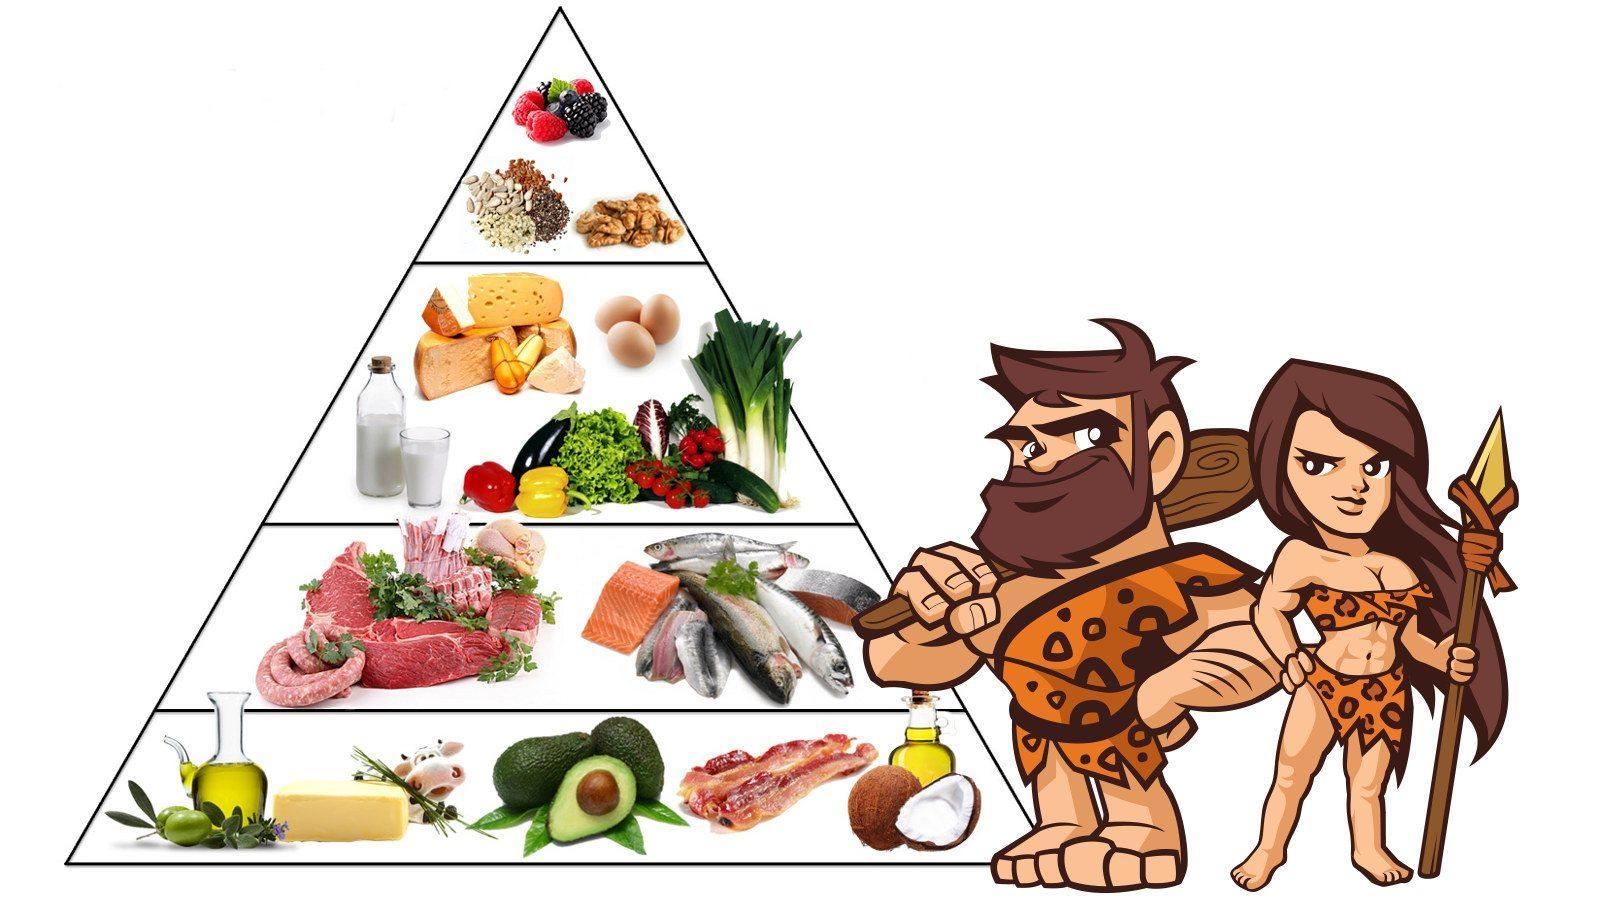 Odchudzanie. Piramida żywieniowa bez zapychaczy